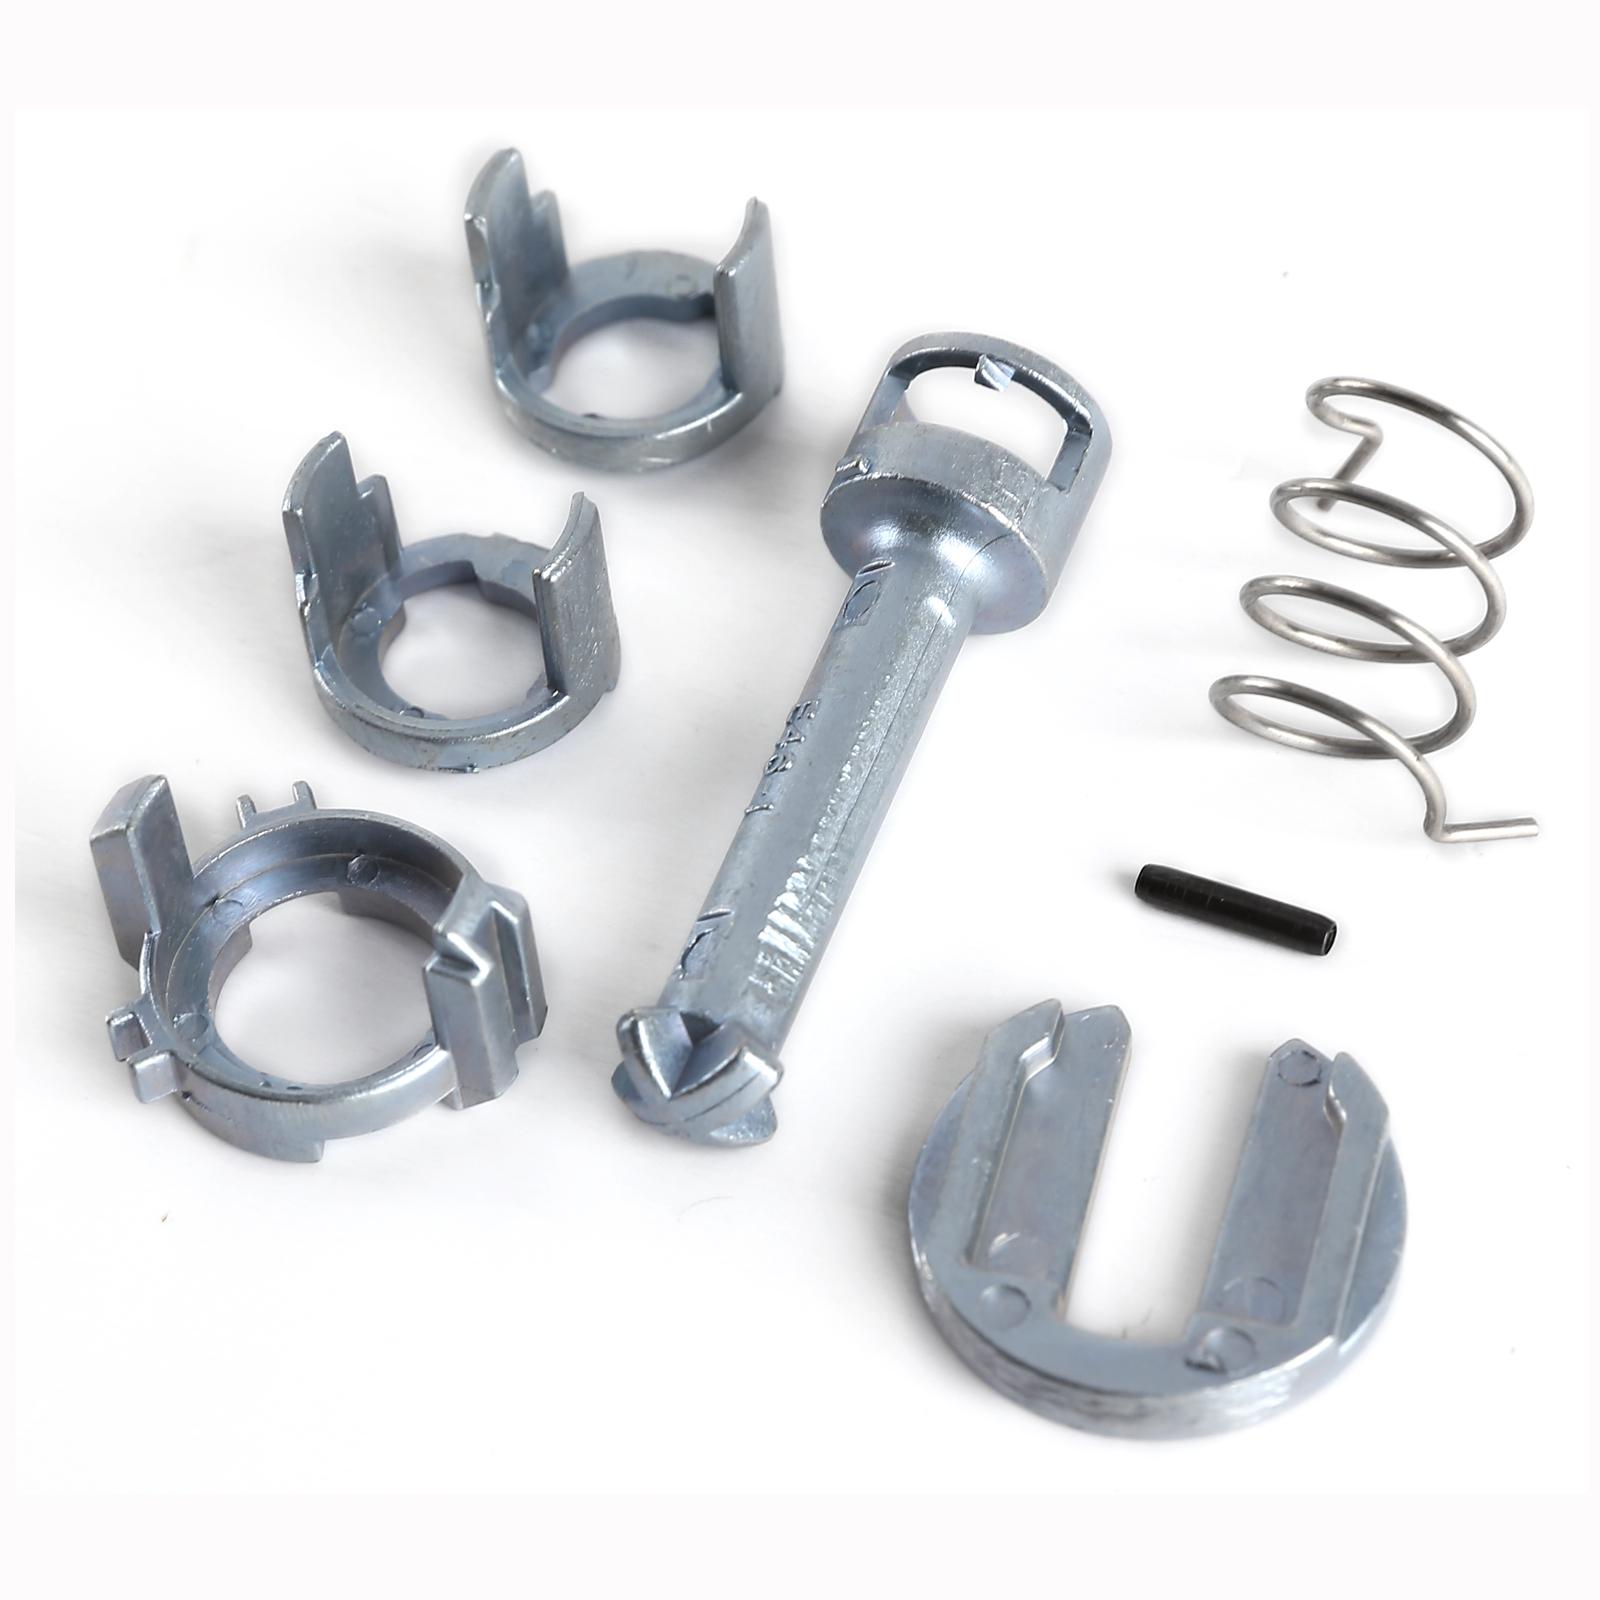 kit reparation serrure porte avant gauche ou droite pour bmw e46 serie 3 ebay. Black Bedroom Furniture Sets. Home Design Ideas